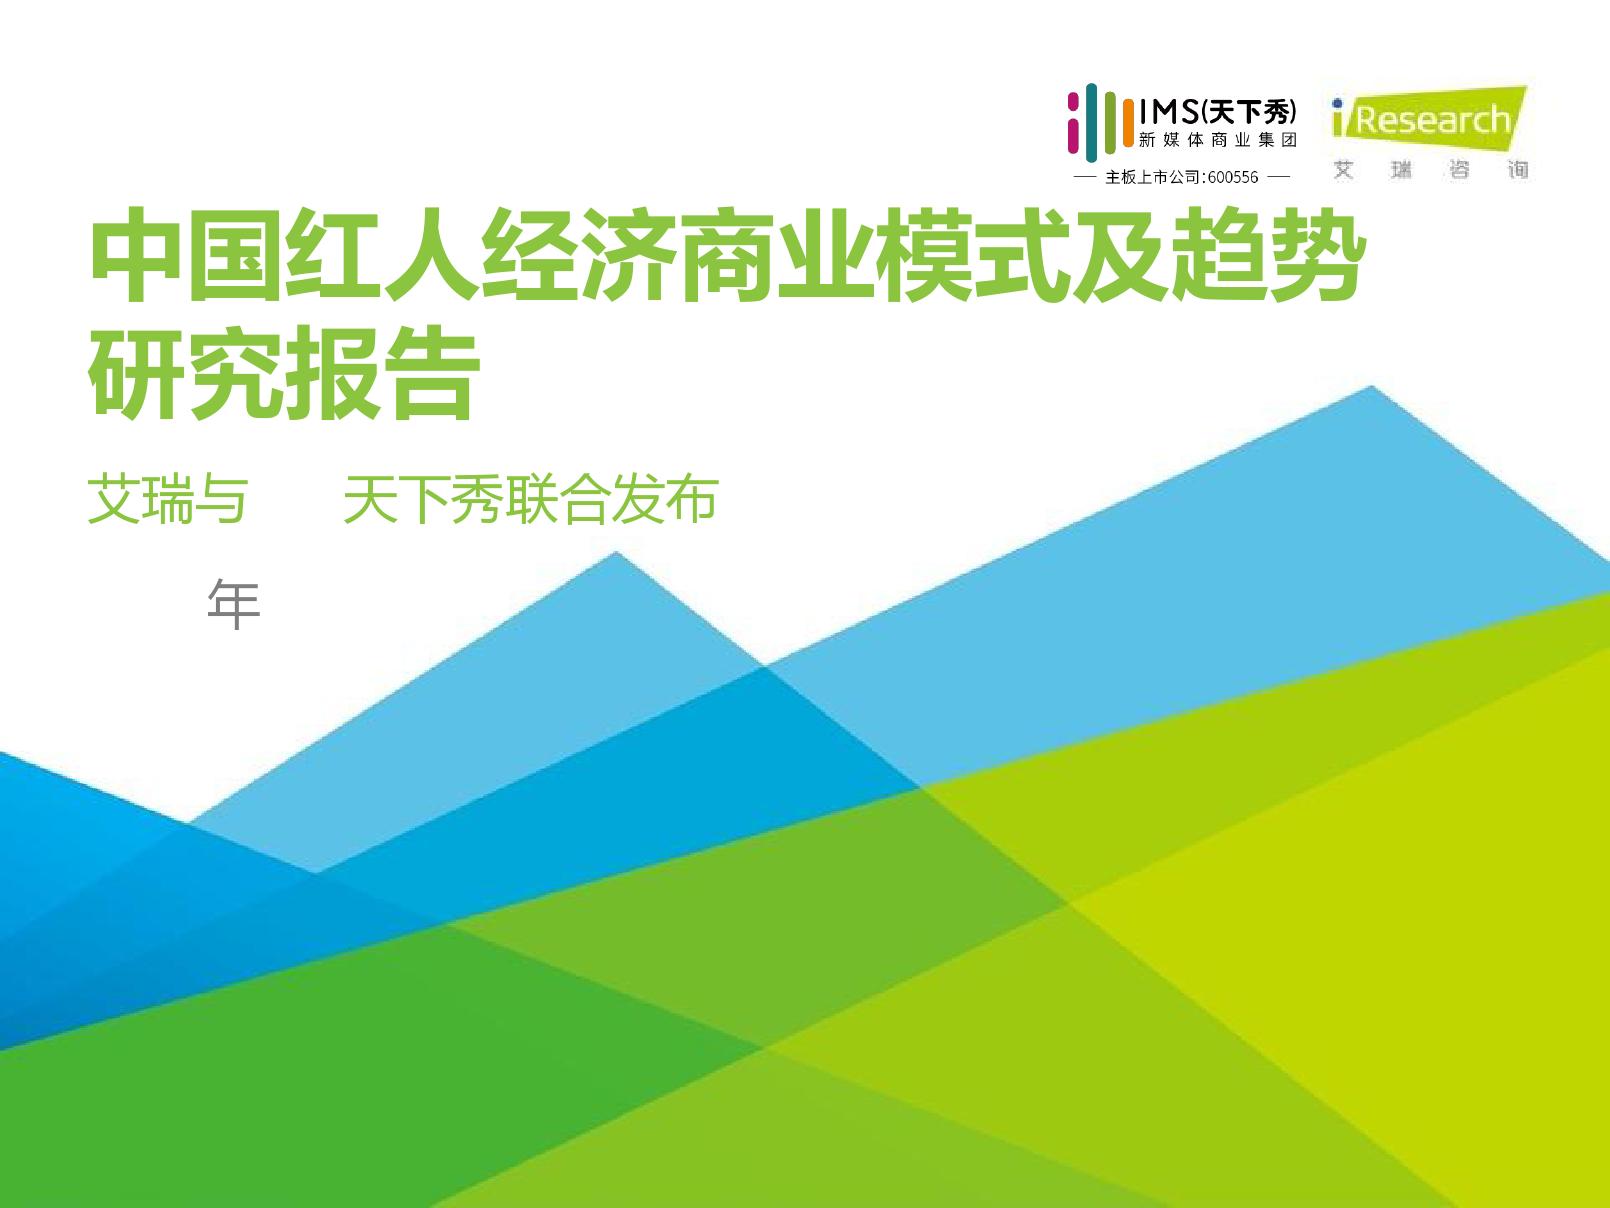 艾瑞咨询:2020年中国红人经济商业模式及趋势研究报告(附下载)